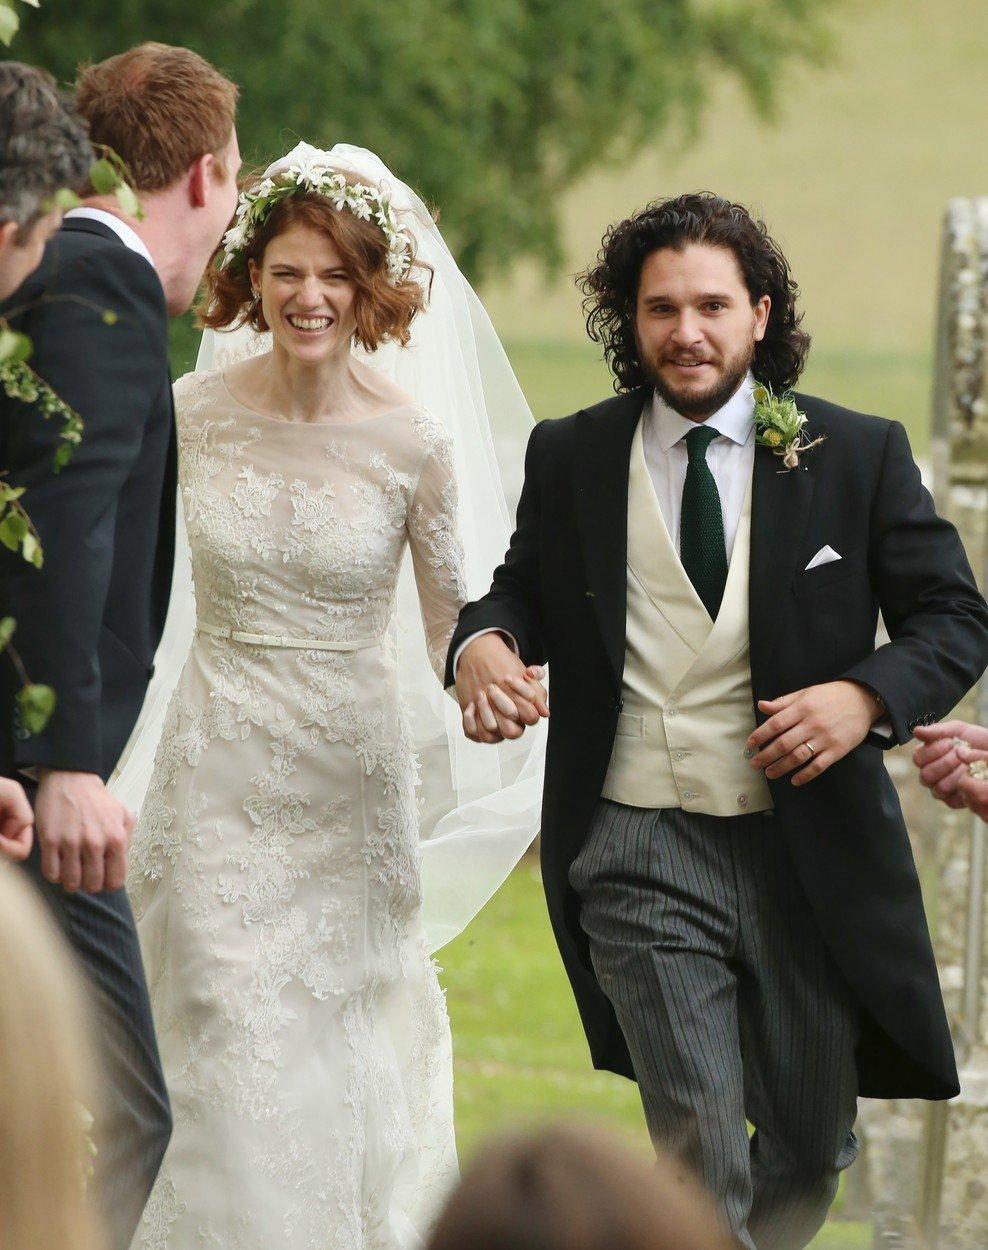 Hvězdy seriálu Hra o trůny Harington a Leslieová se v reálném životě vzali